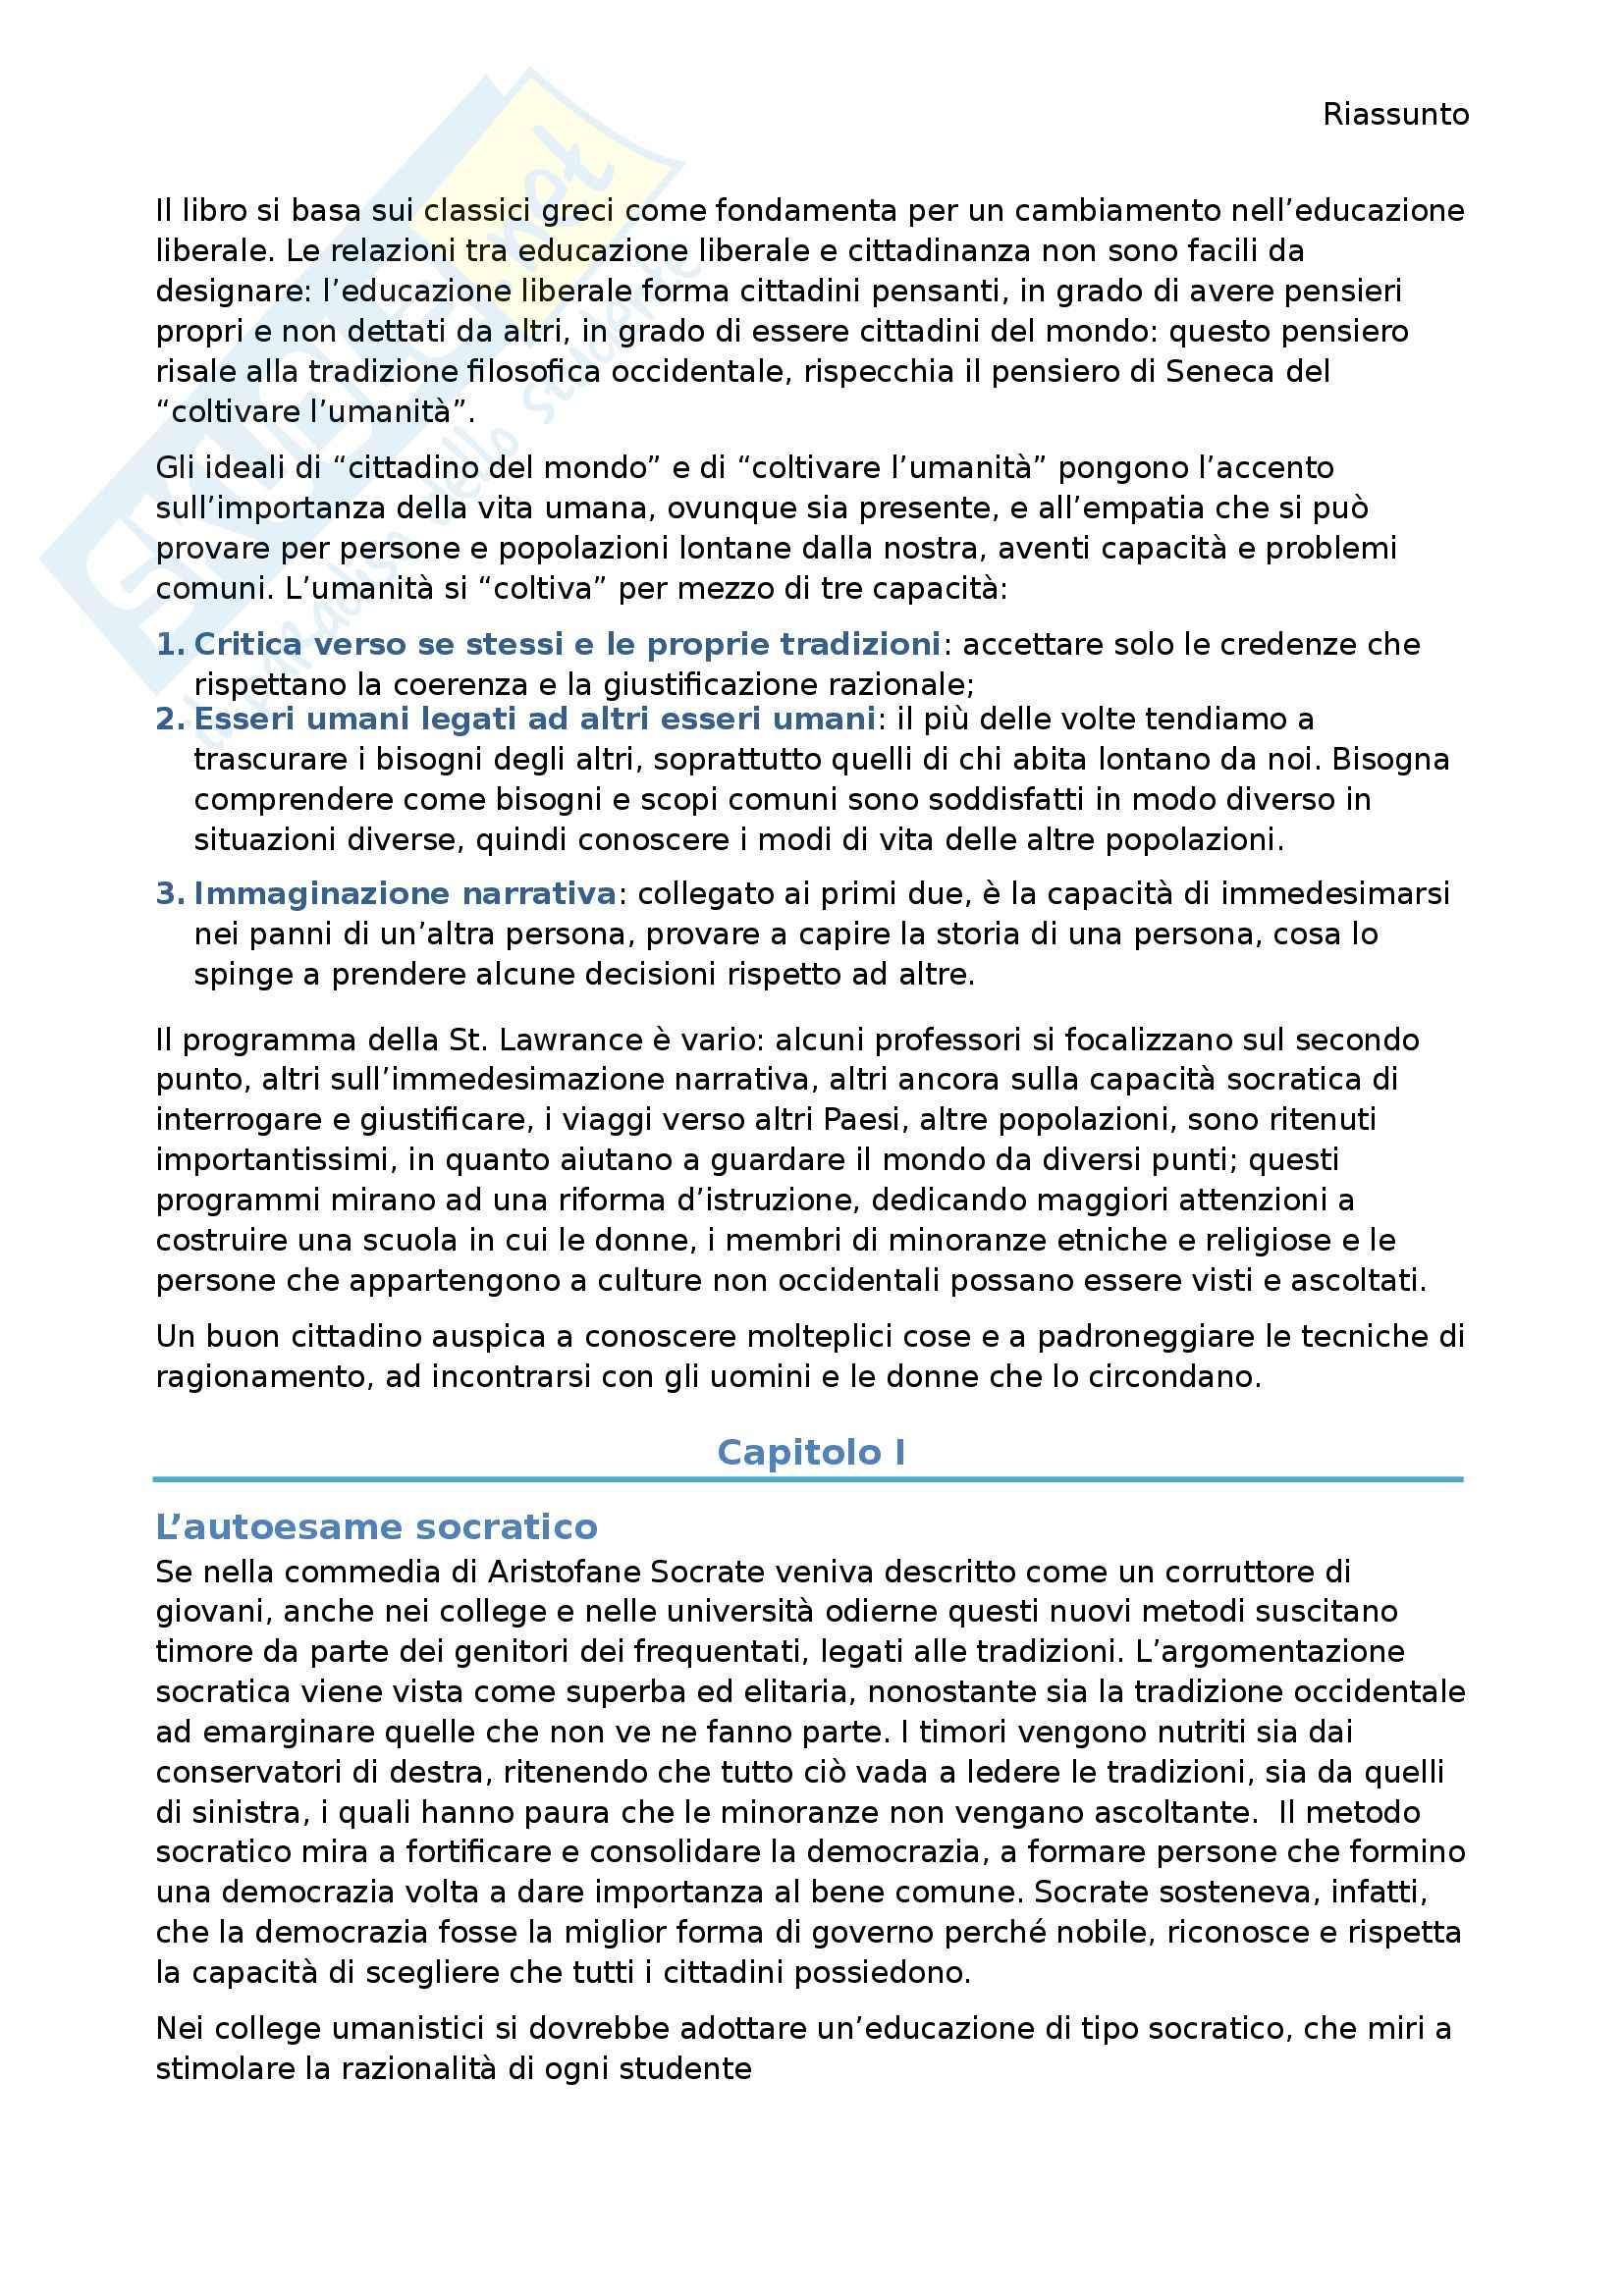 Riassunto esame Etica della comunicazione prof. Delogu, libro consigliato Coltivare l'umanità, Nussbaum Pag. 2